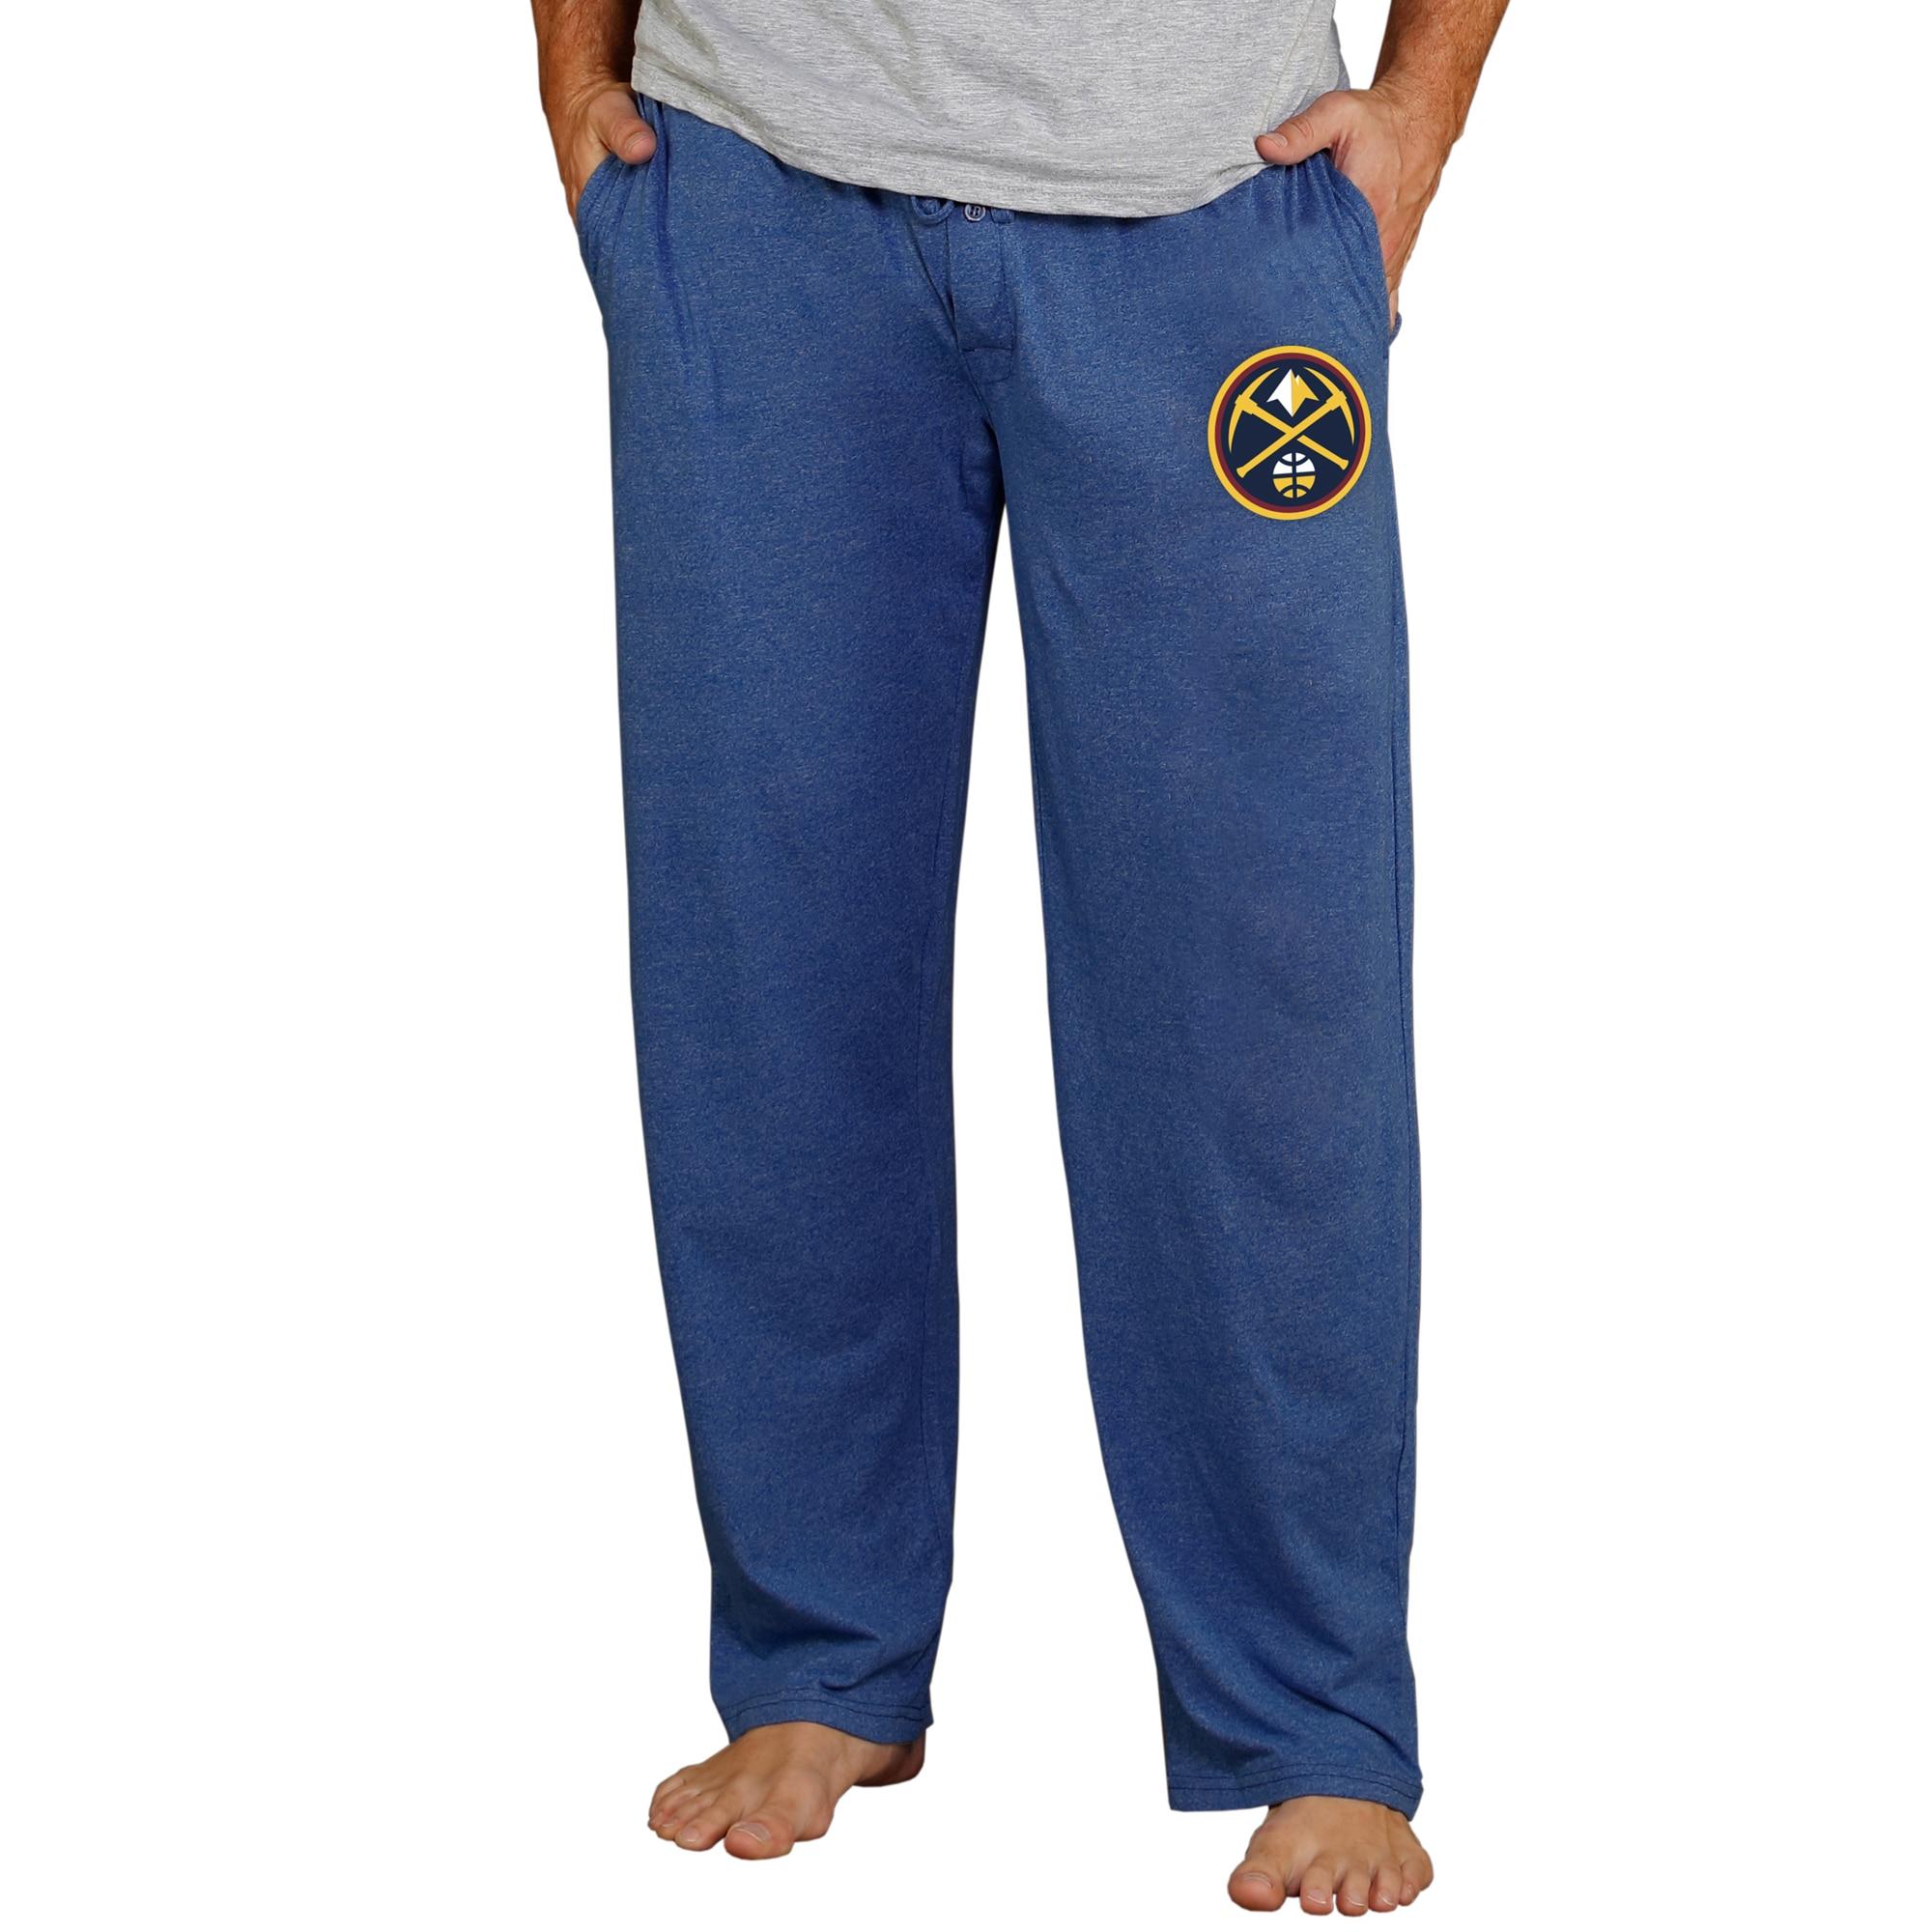 Denver Nuggets Concepts Sport Quest Knit Lounge Pants - Navy